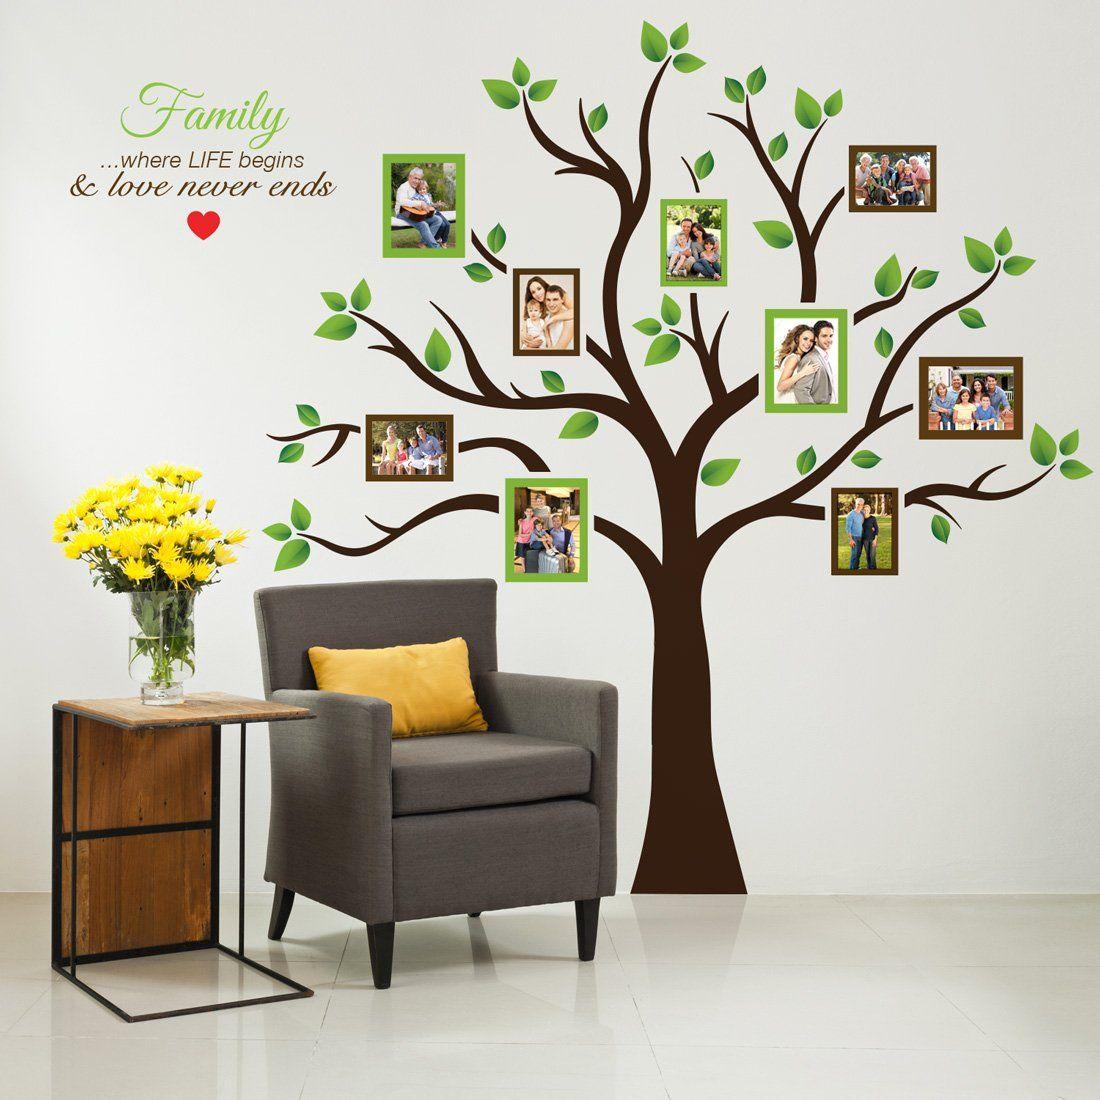 как сделать дерево с фотографиями каждый день